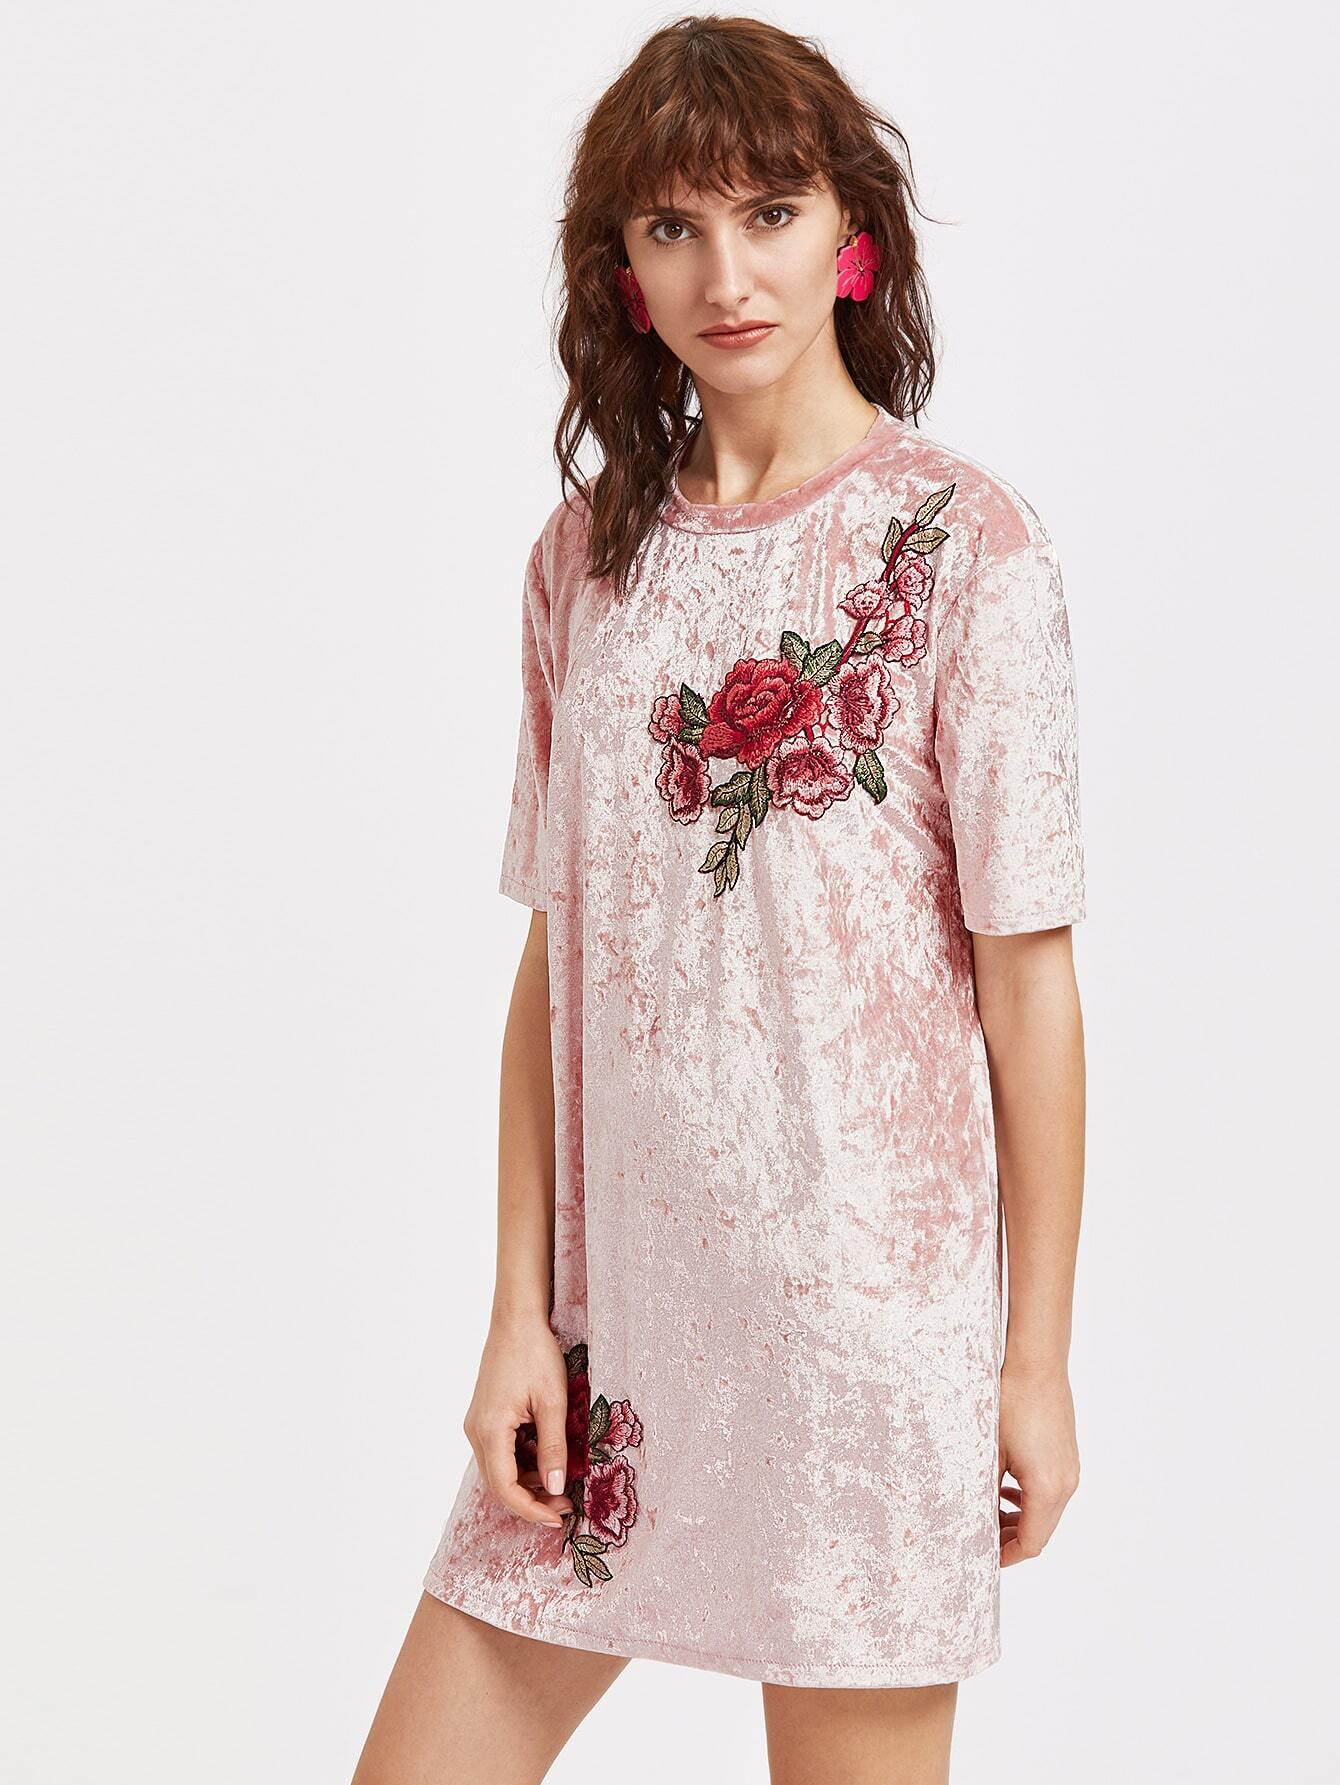 dress170307450_2